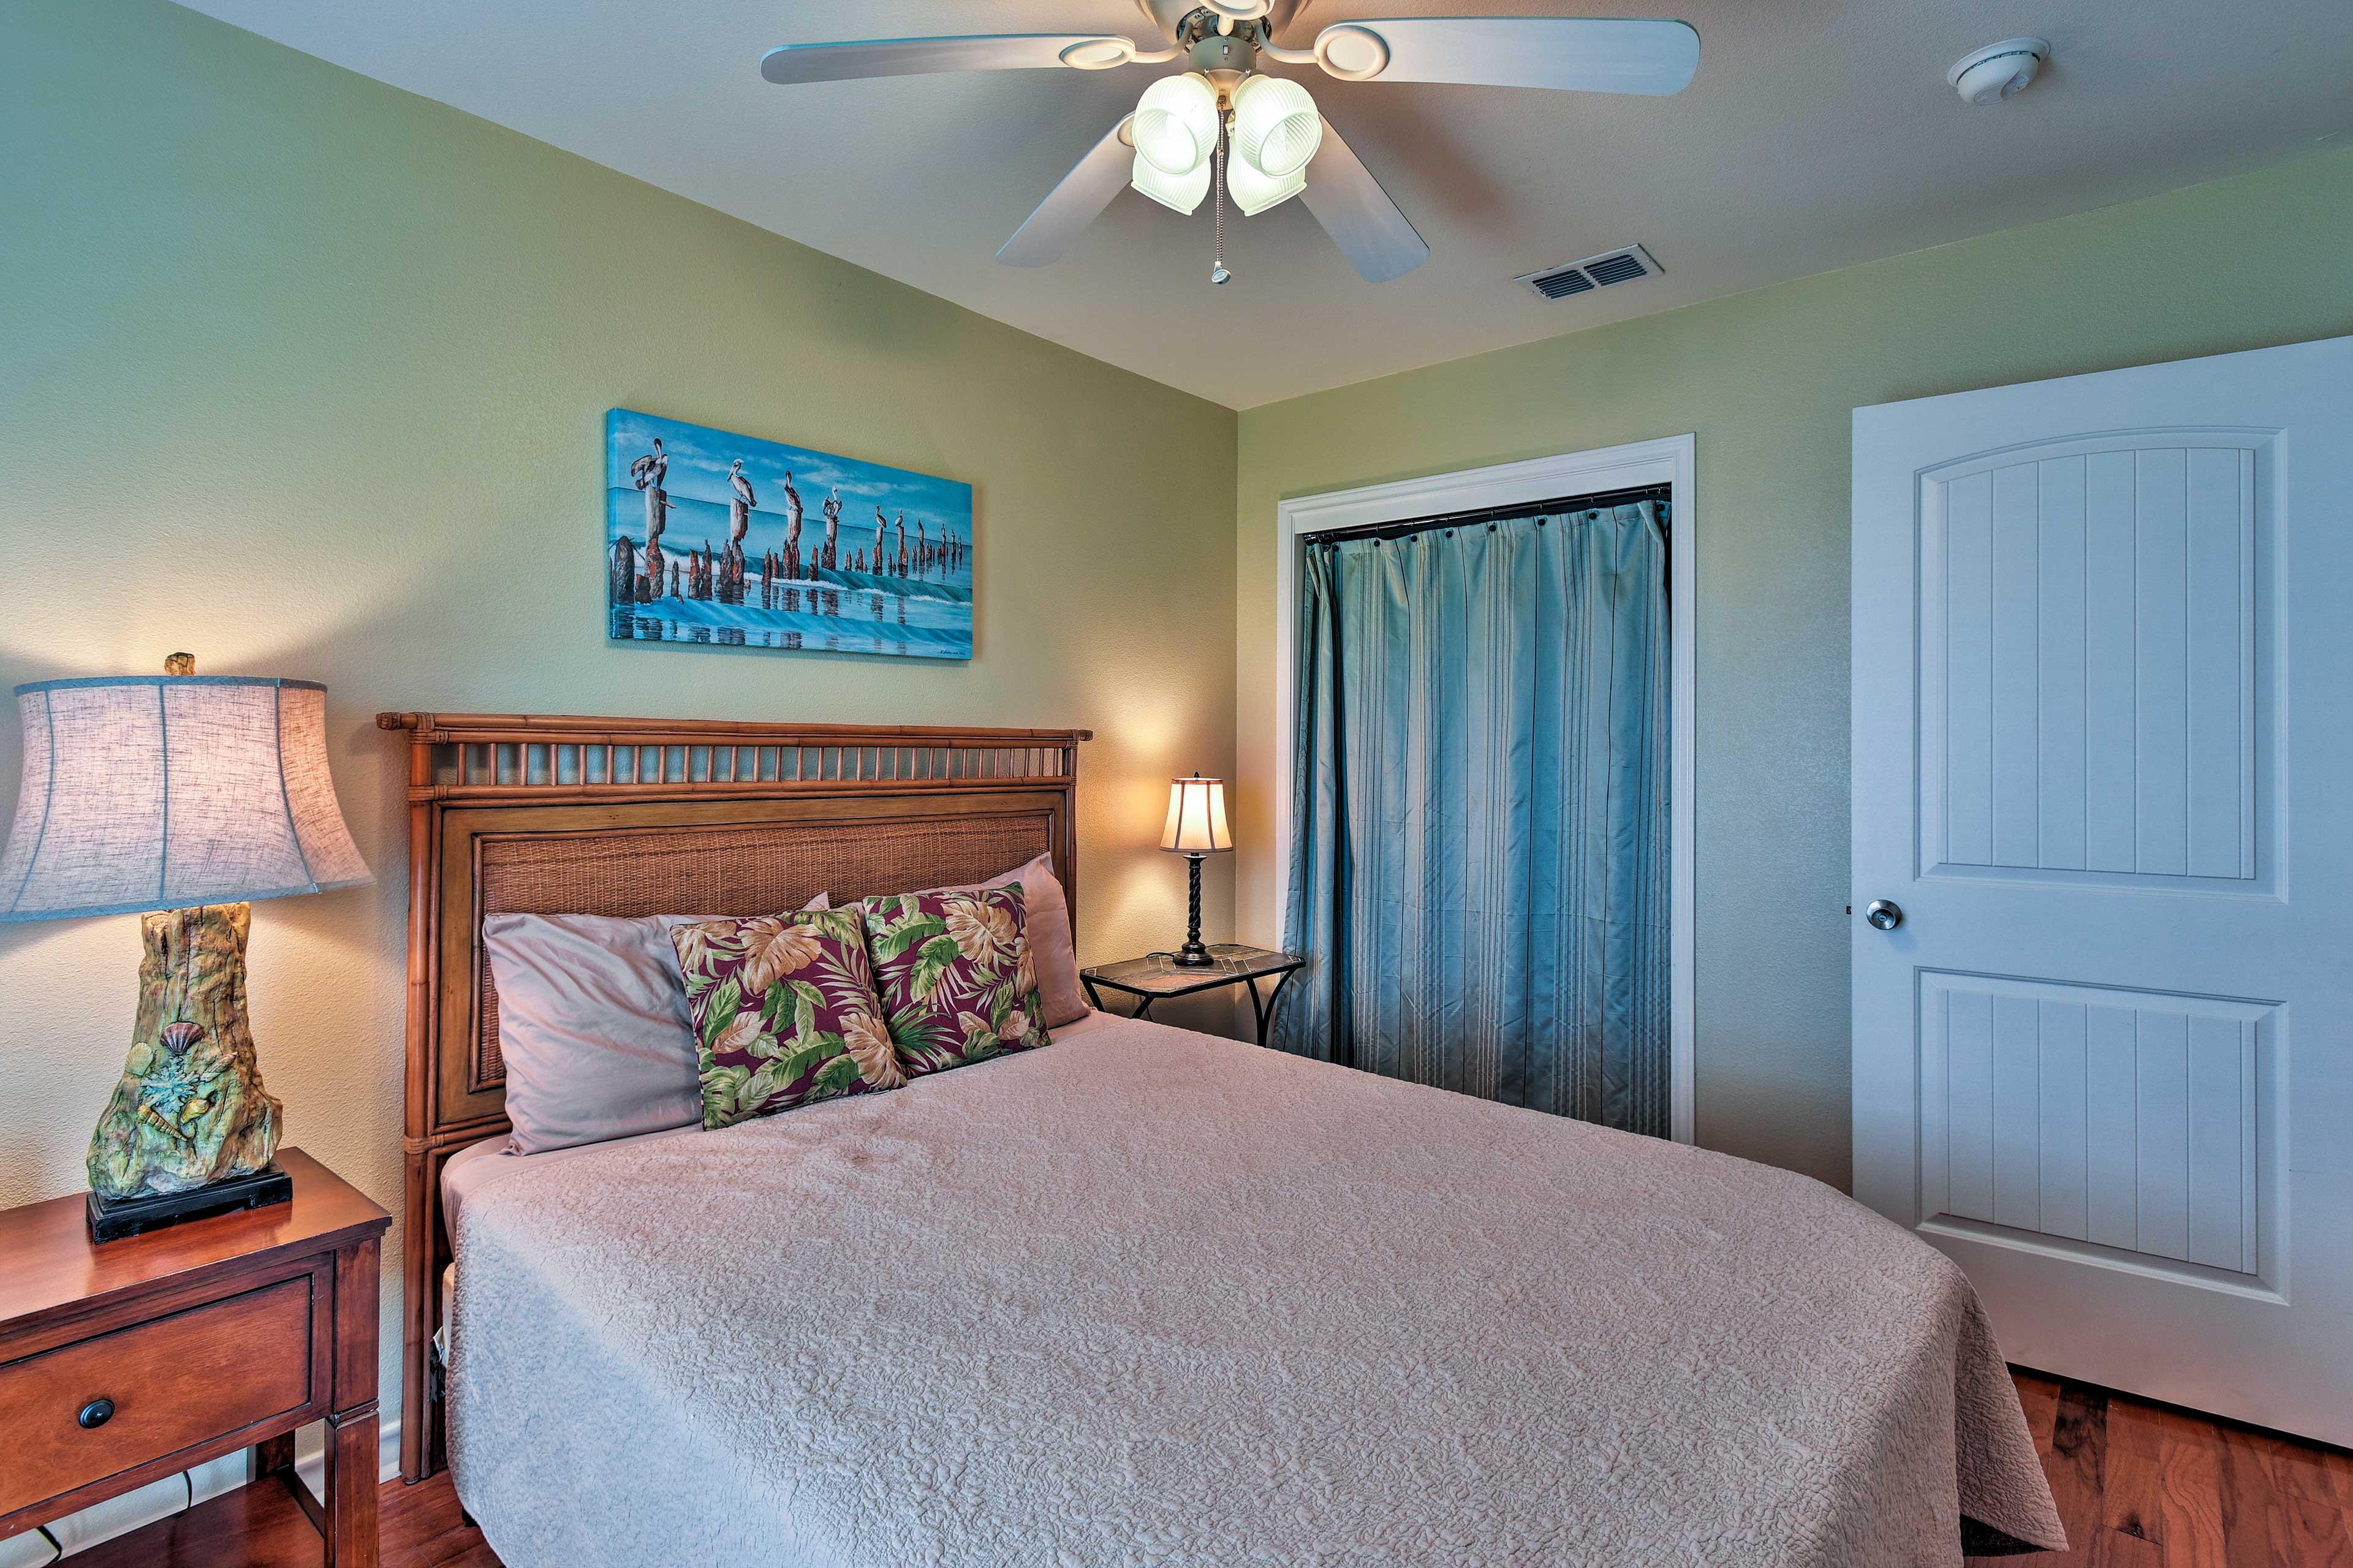 Each bedroom includes a cozy queen bed.